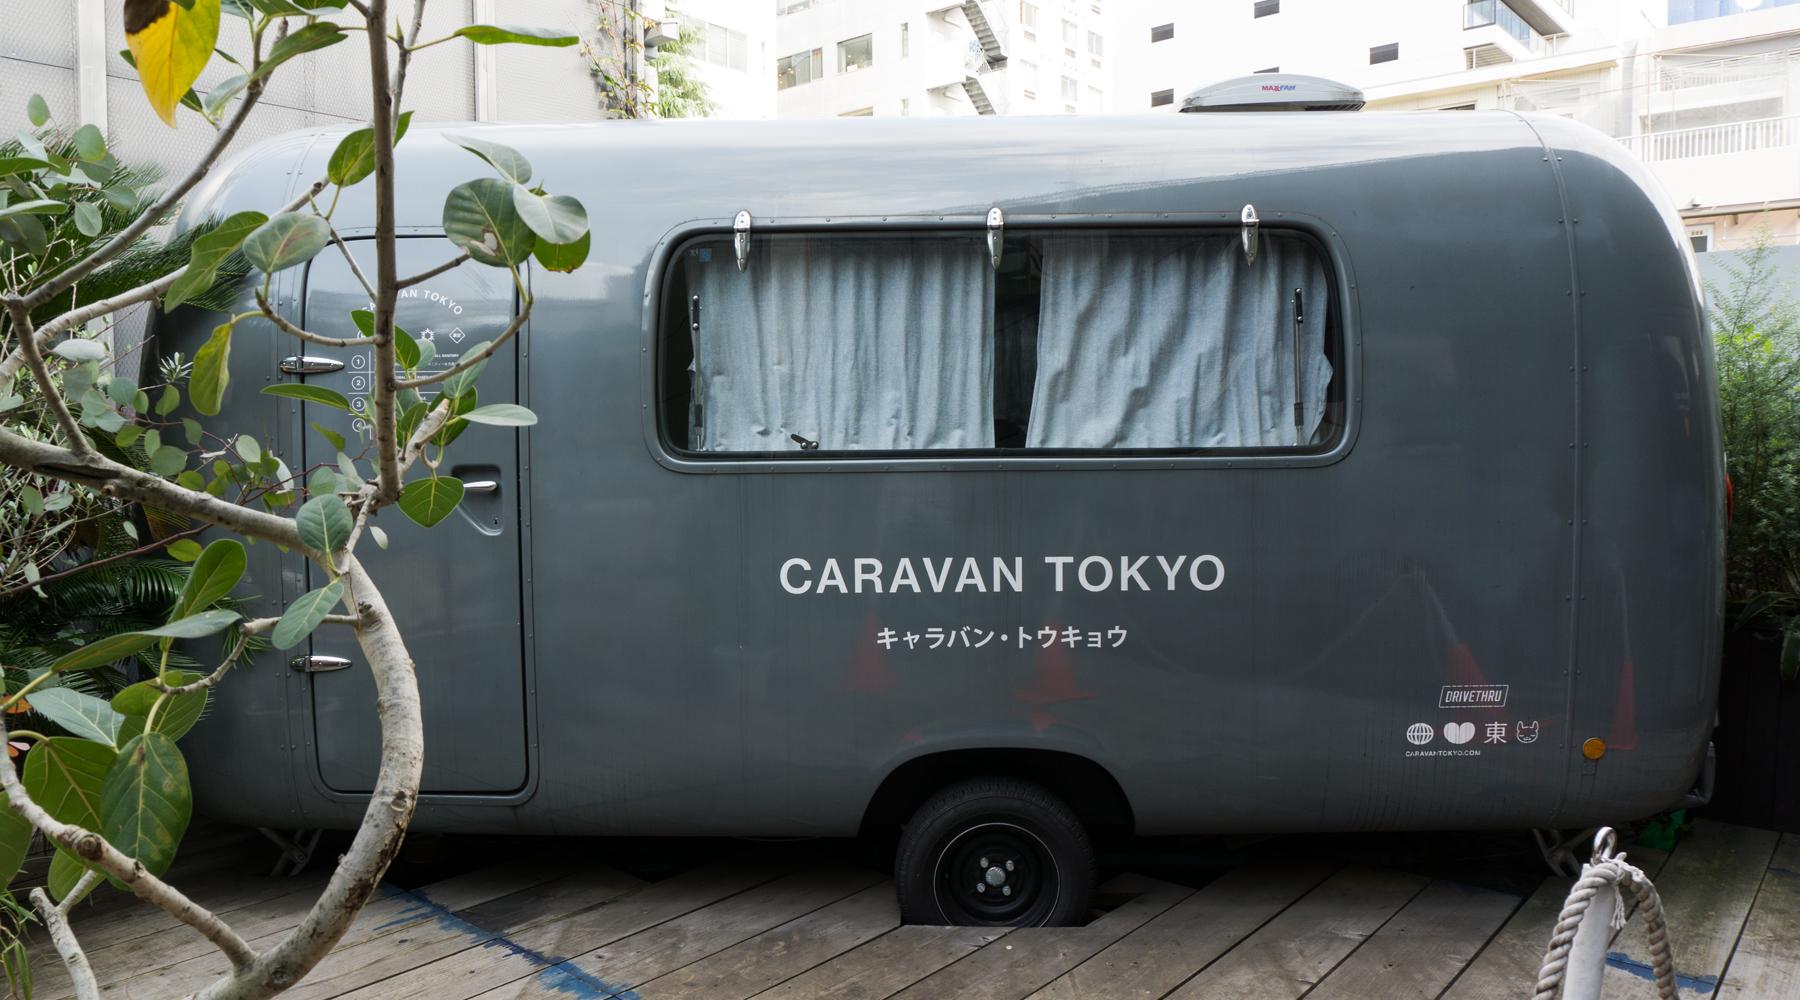 Caravan_Tokyo.jpg